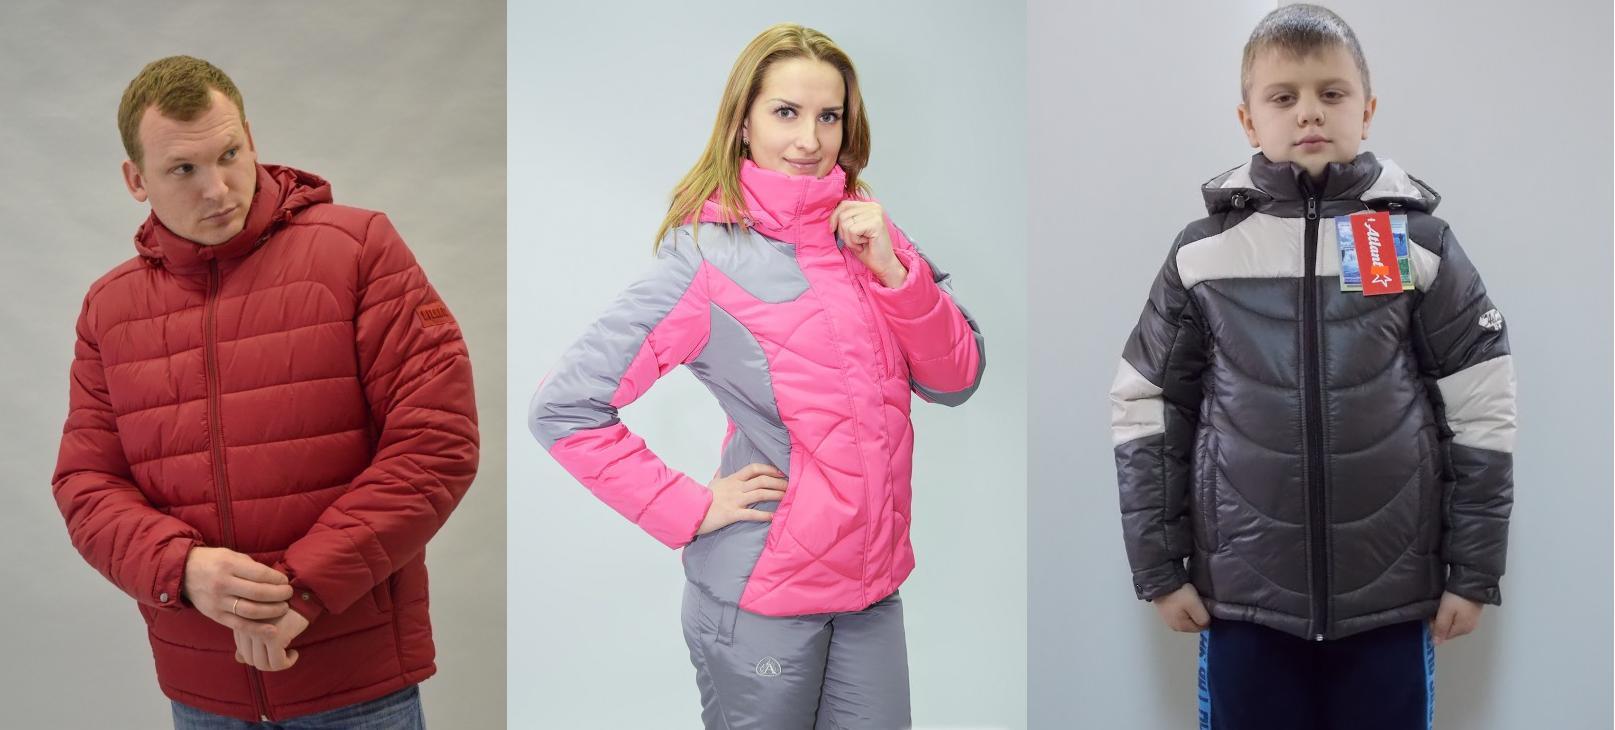 Атлaнтa Cпopт-44. Самые теплые женские и мужские зимние костюмы, куртки для мальчиков. Спортивные костюмы для всей семьи от 32 до 60-го р-ра. Оооочень низкие цены! Отличные отзывы! Без рядов!